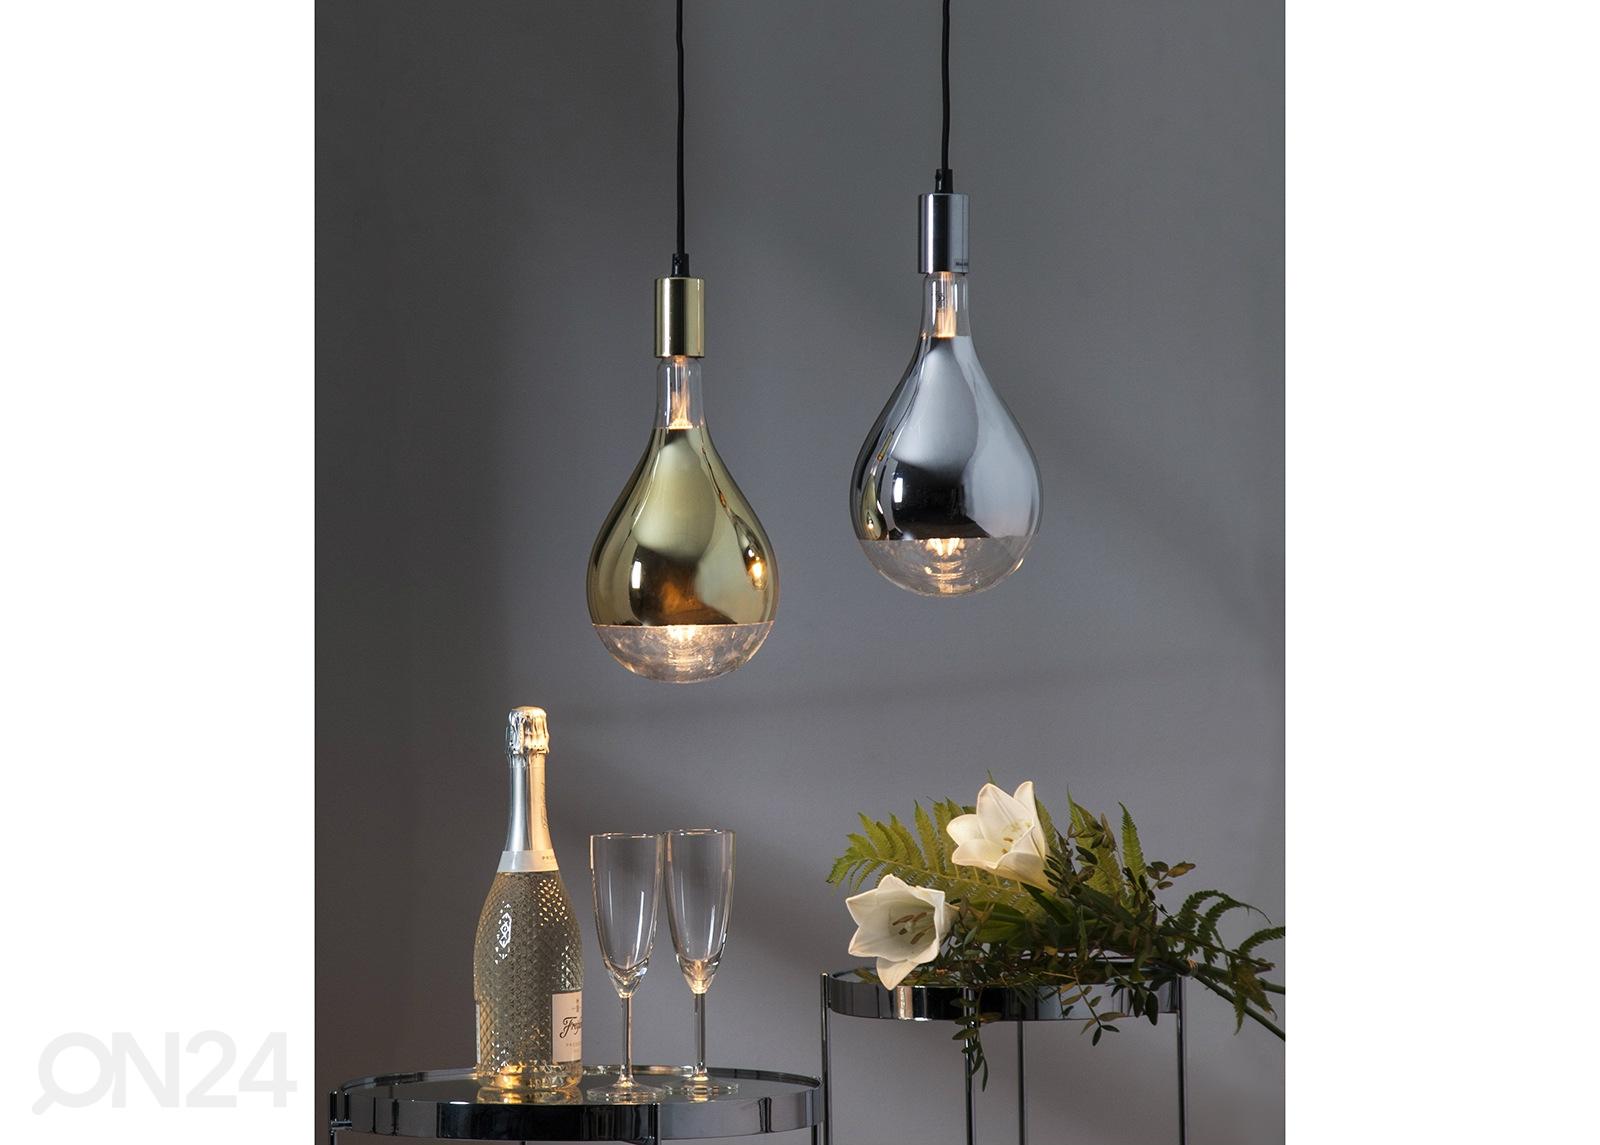 807677efeee Dekoratiivne LED pirn E27 8 W AA-152394 - ON24 Sisustuskaubamaja